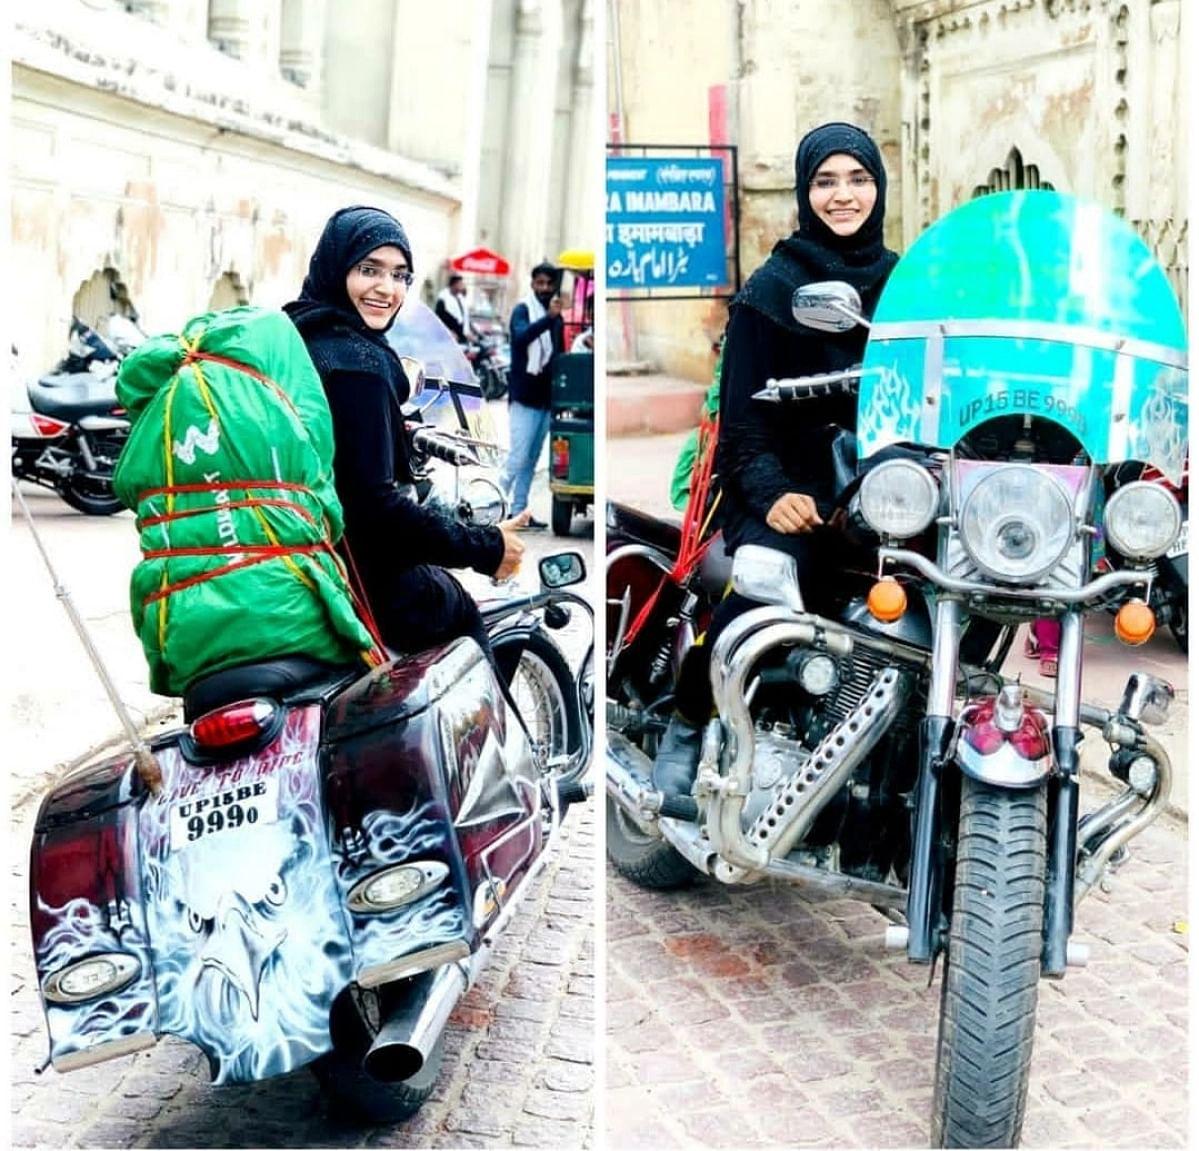 لکھنؤ کی برقعہ رائیڈر عائشہ امین، 'میں ماڈرن ہوں لیکن برقعہ میری طاقت ہے'